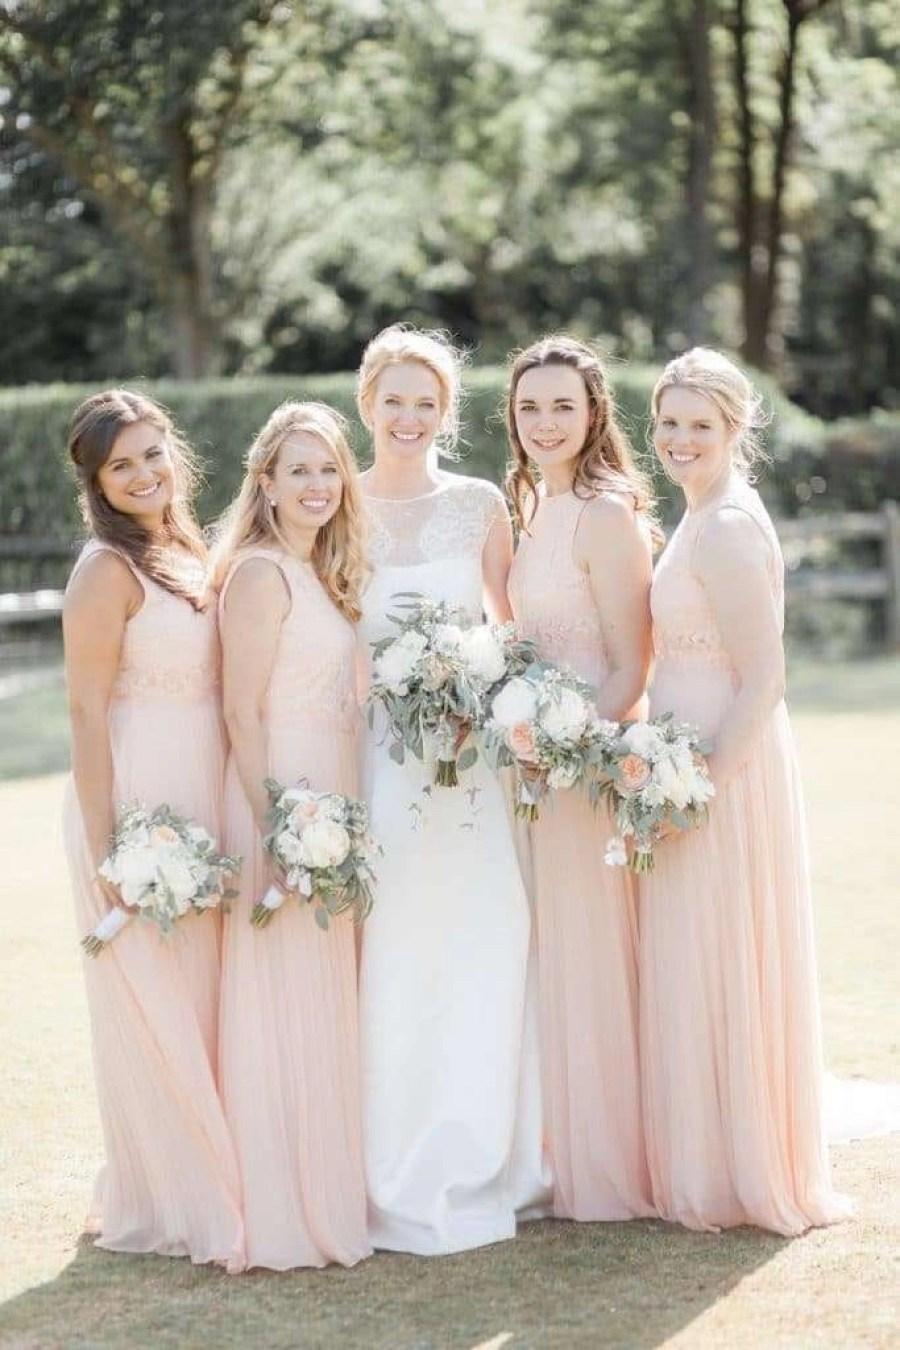 tori-harris-makeup-artist-bride-wedding-london-hair-stylist-surrey-west-sussex-4